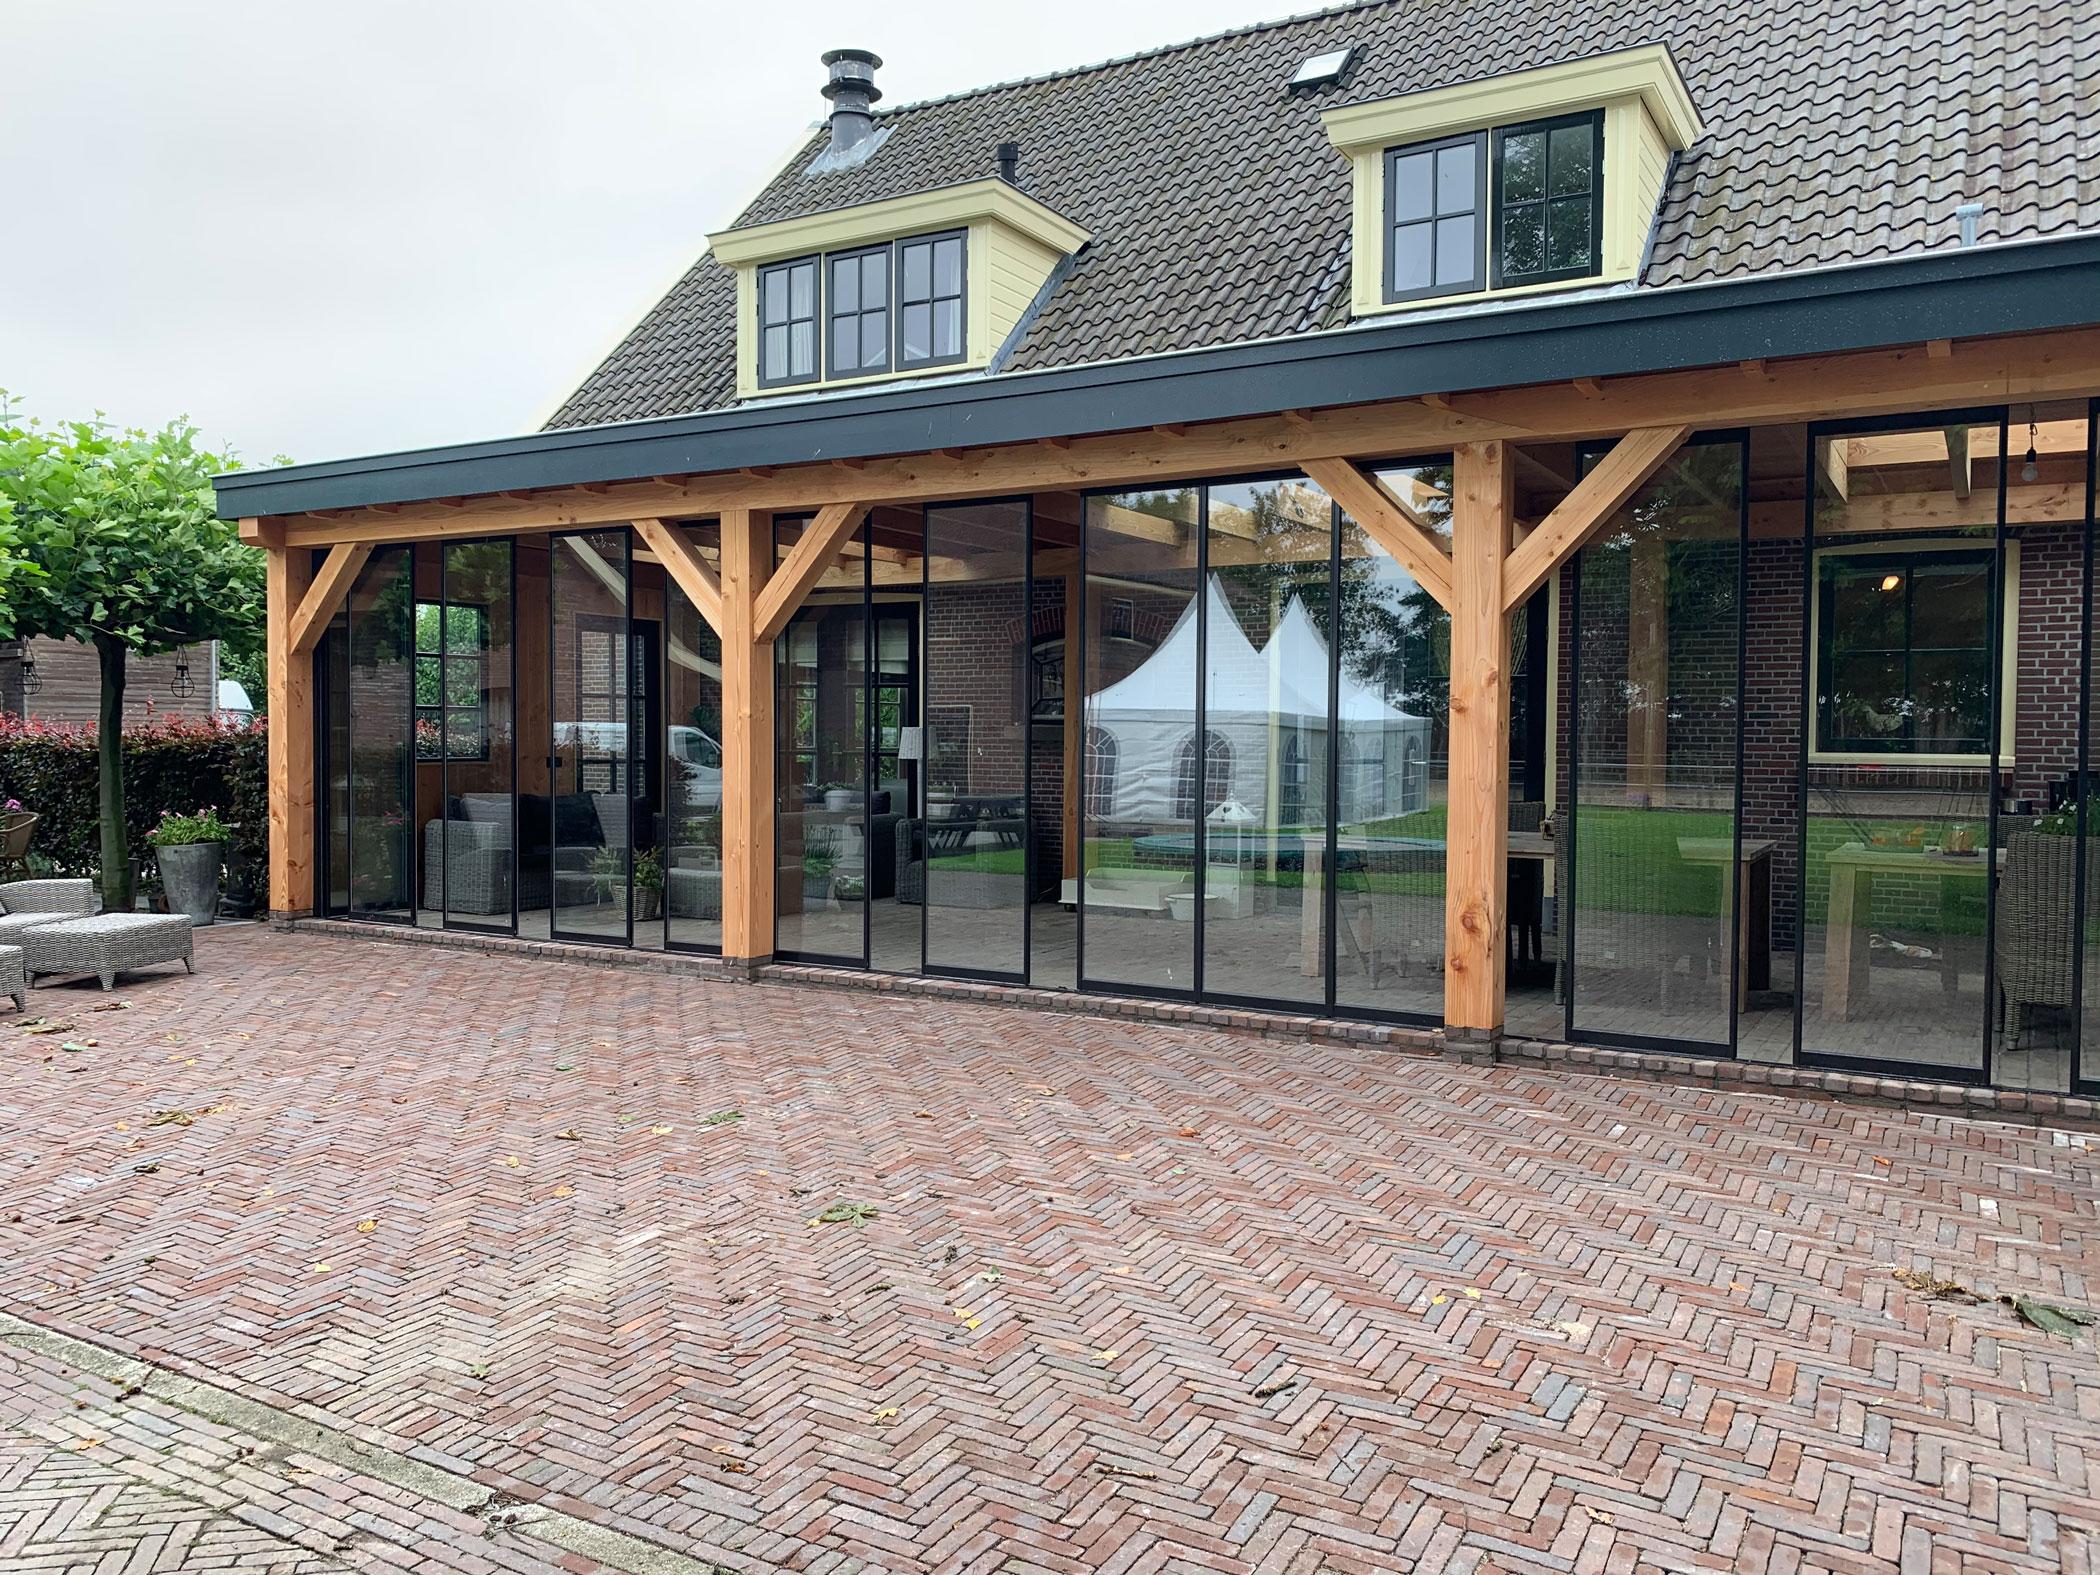 Vorhandene Terrassenüberdachung aus Holz verglasen